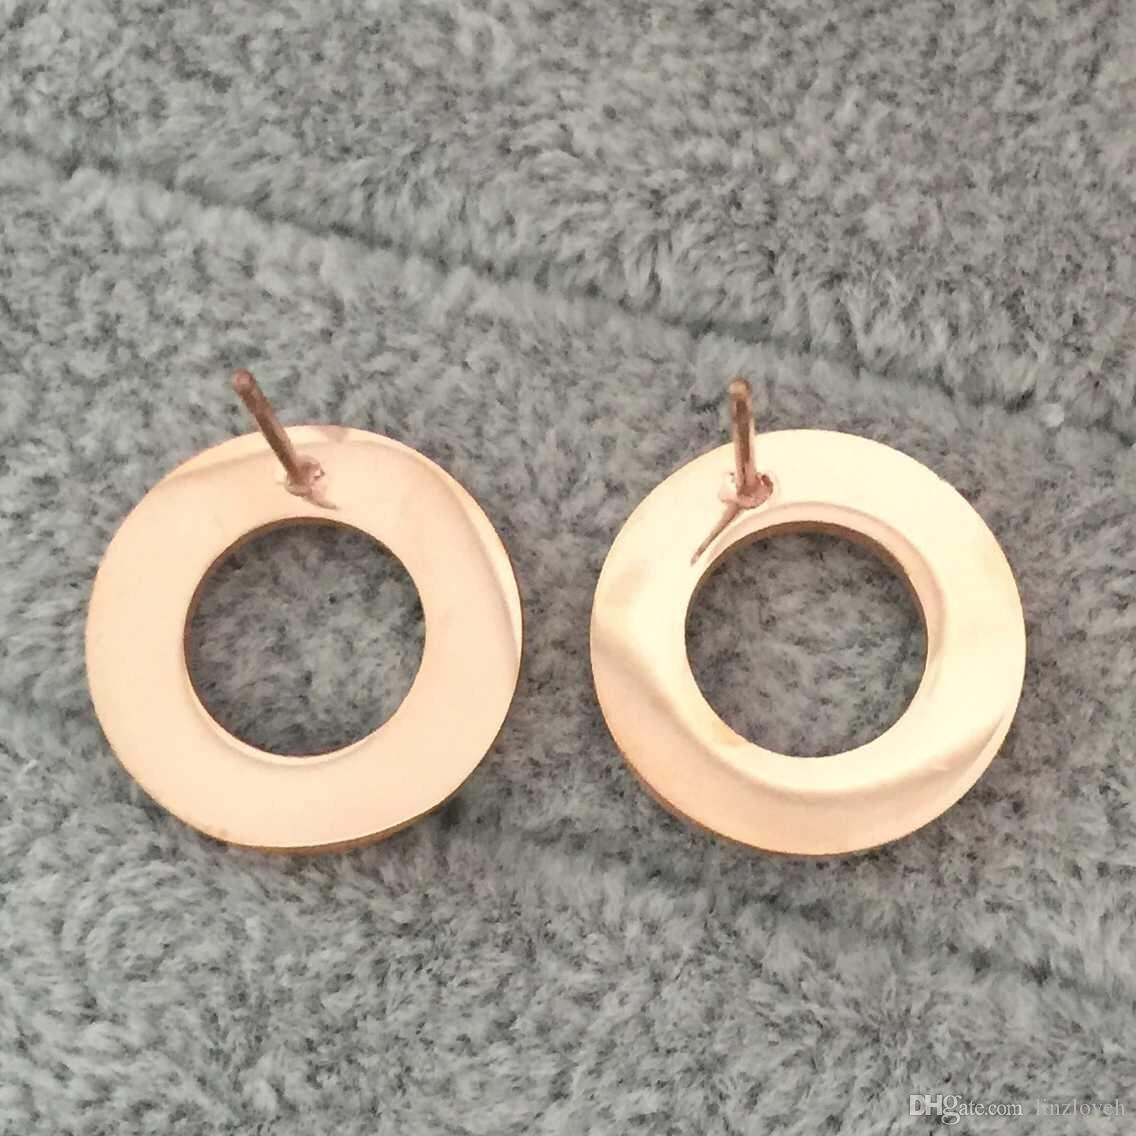 Alta calidad Famous Brand Jewelry Fashion 316L estilo de acero inoxidable de lujo chapado en oro Stud Stud para hombres mujeres